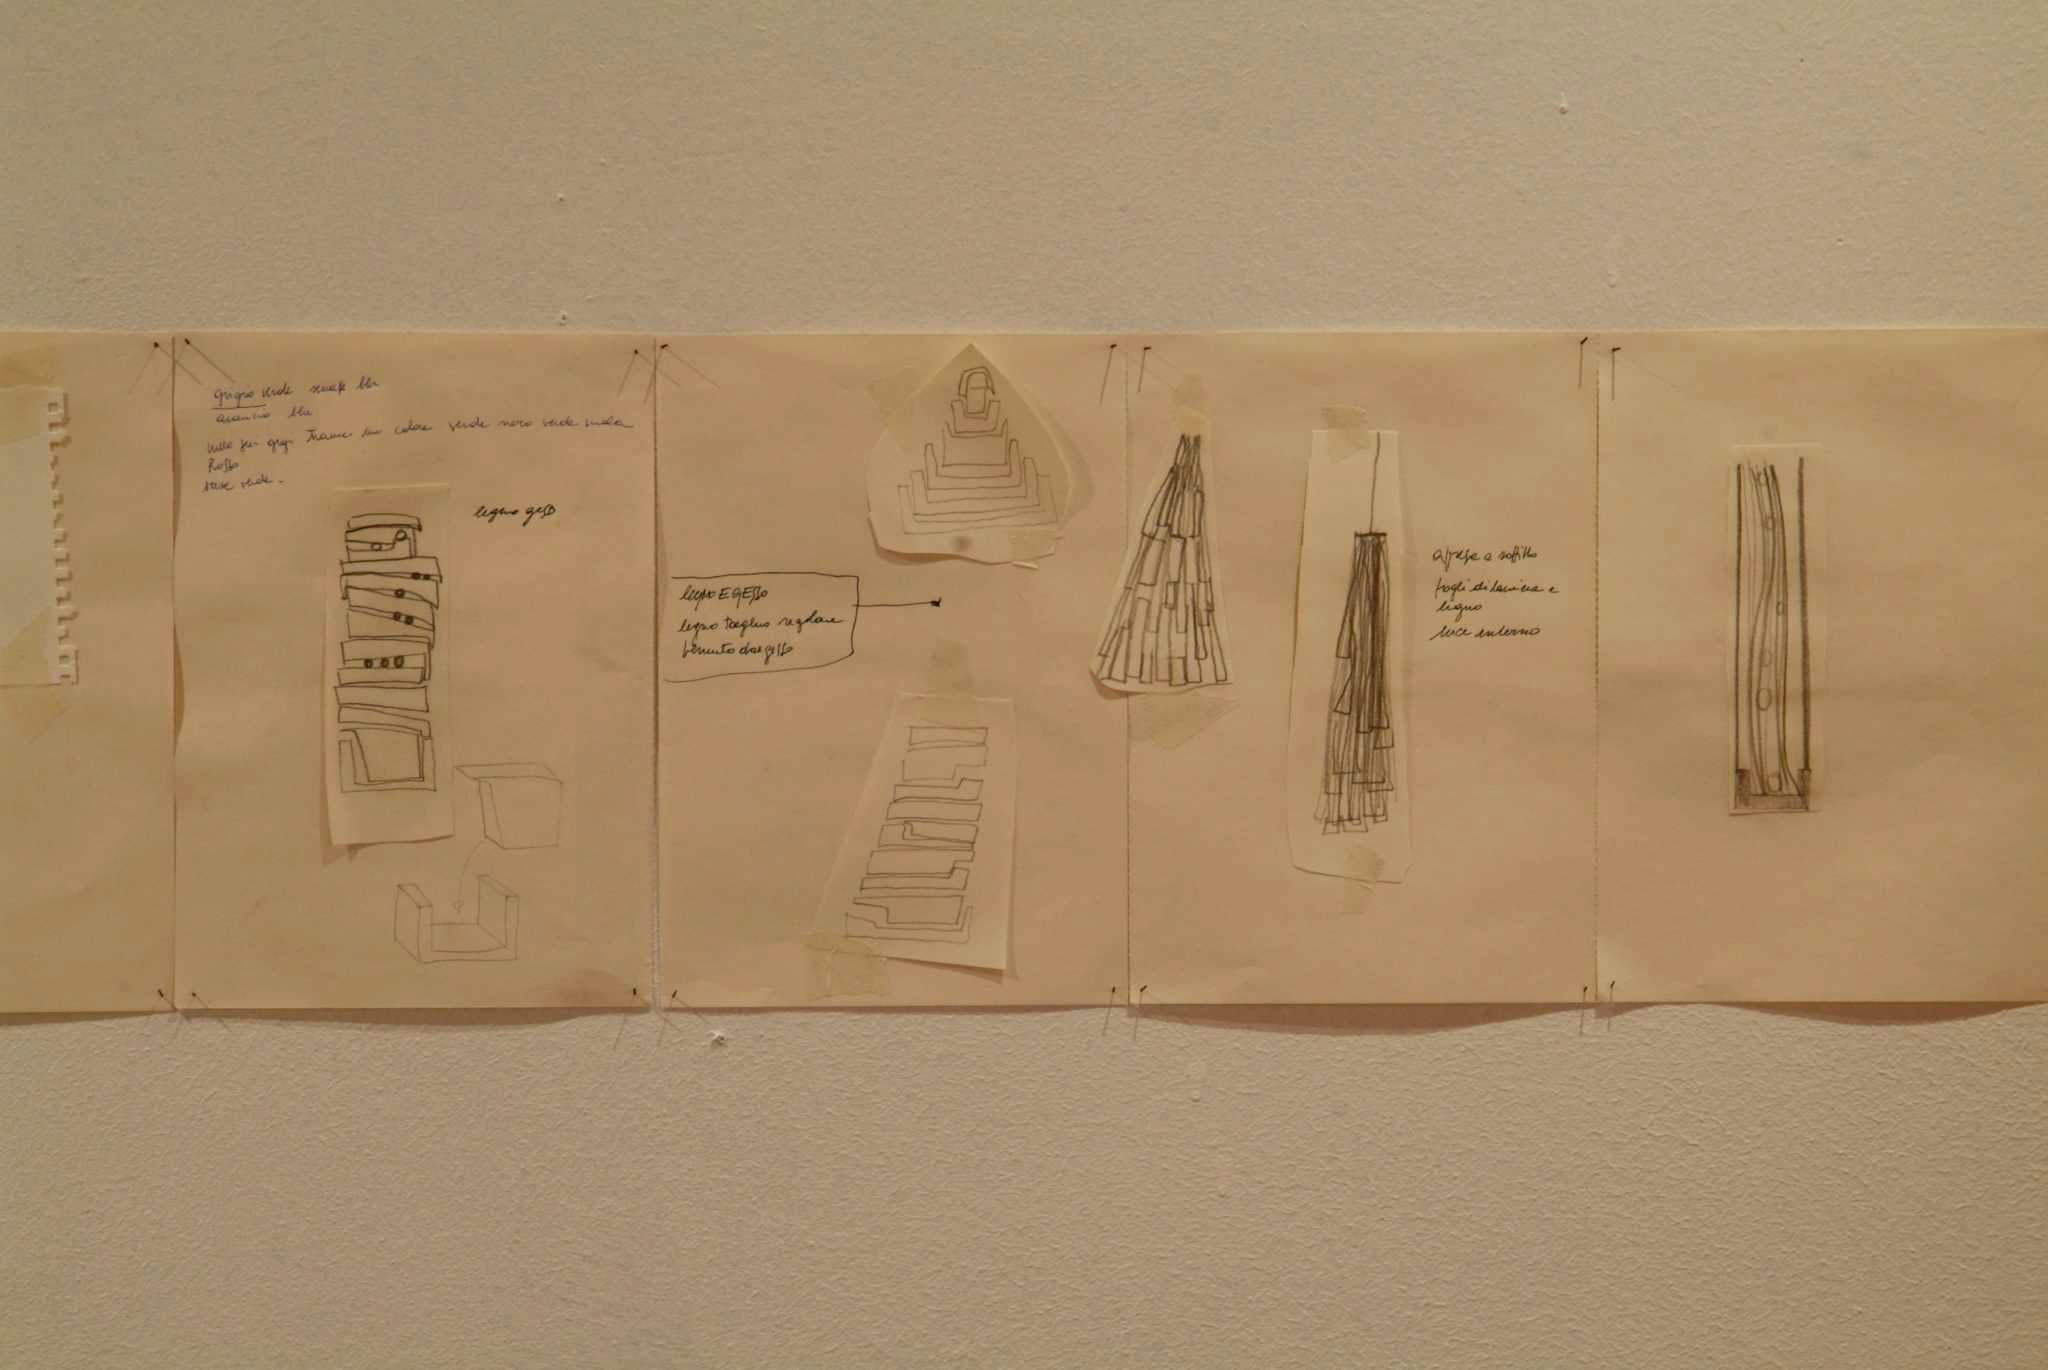 senza titolo /51 disegnitecnica mista su carta;